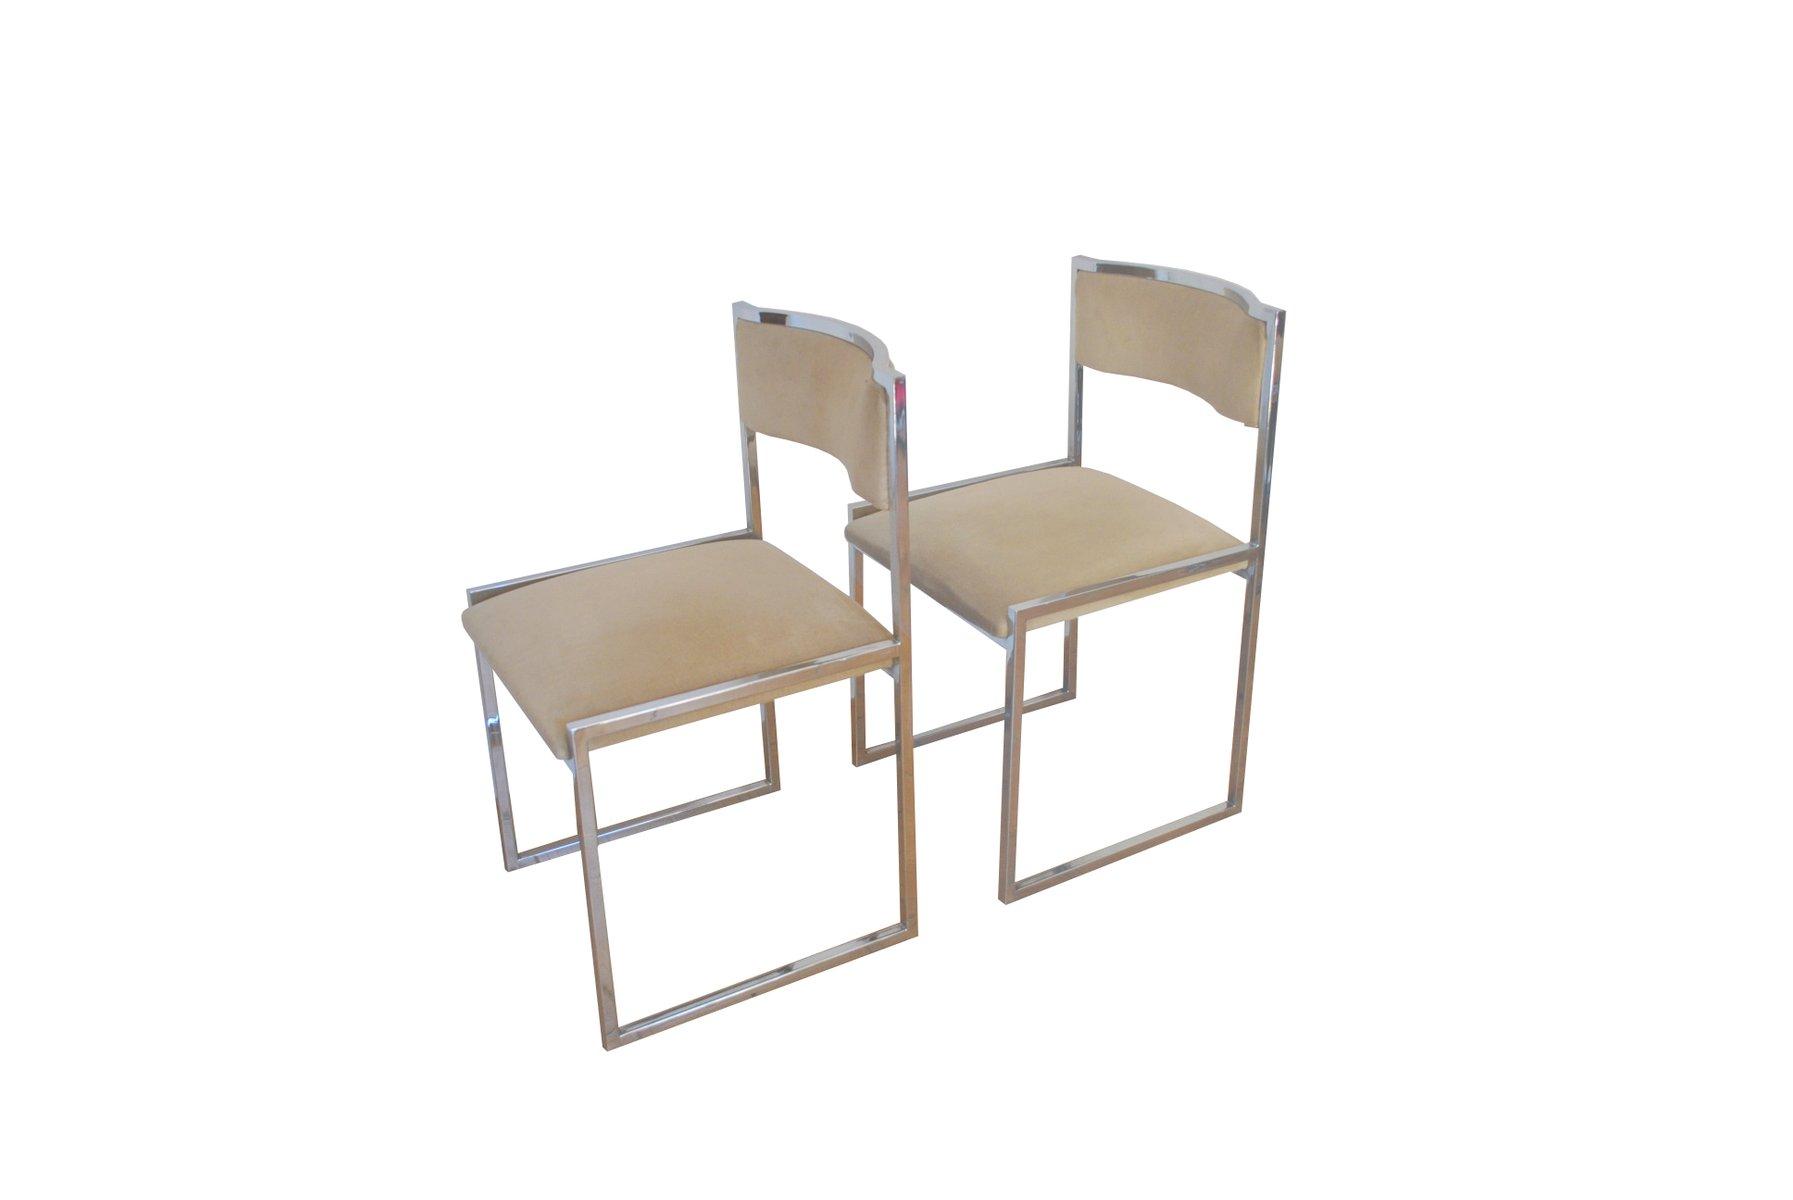 Sedie in acciaio e cromo italia anni 39 70 in vendita su for Sedie design anni 20